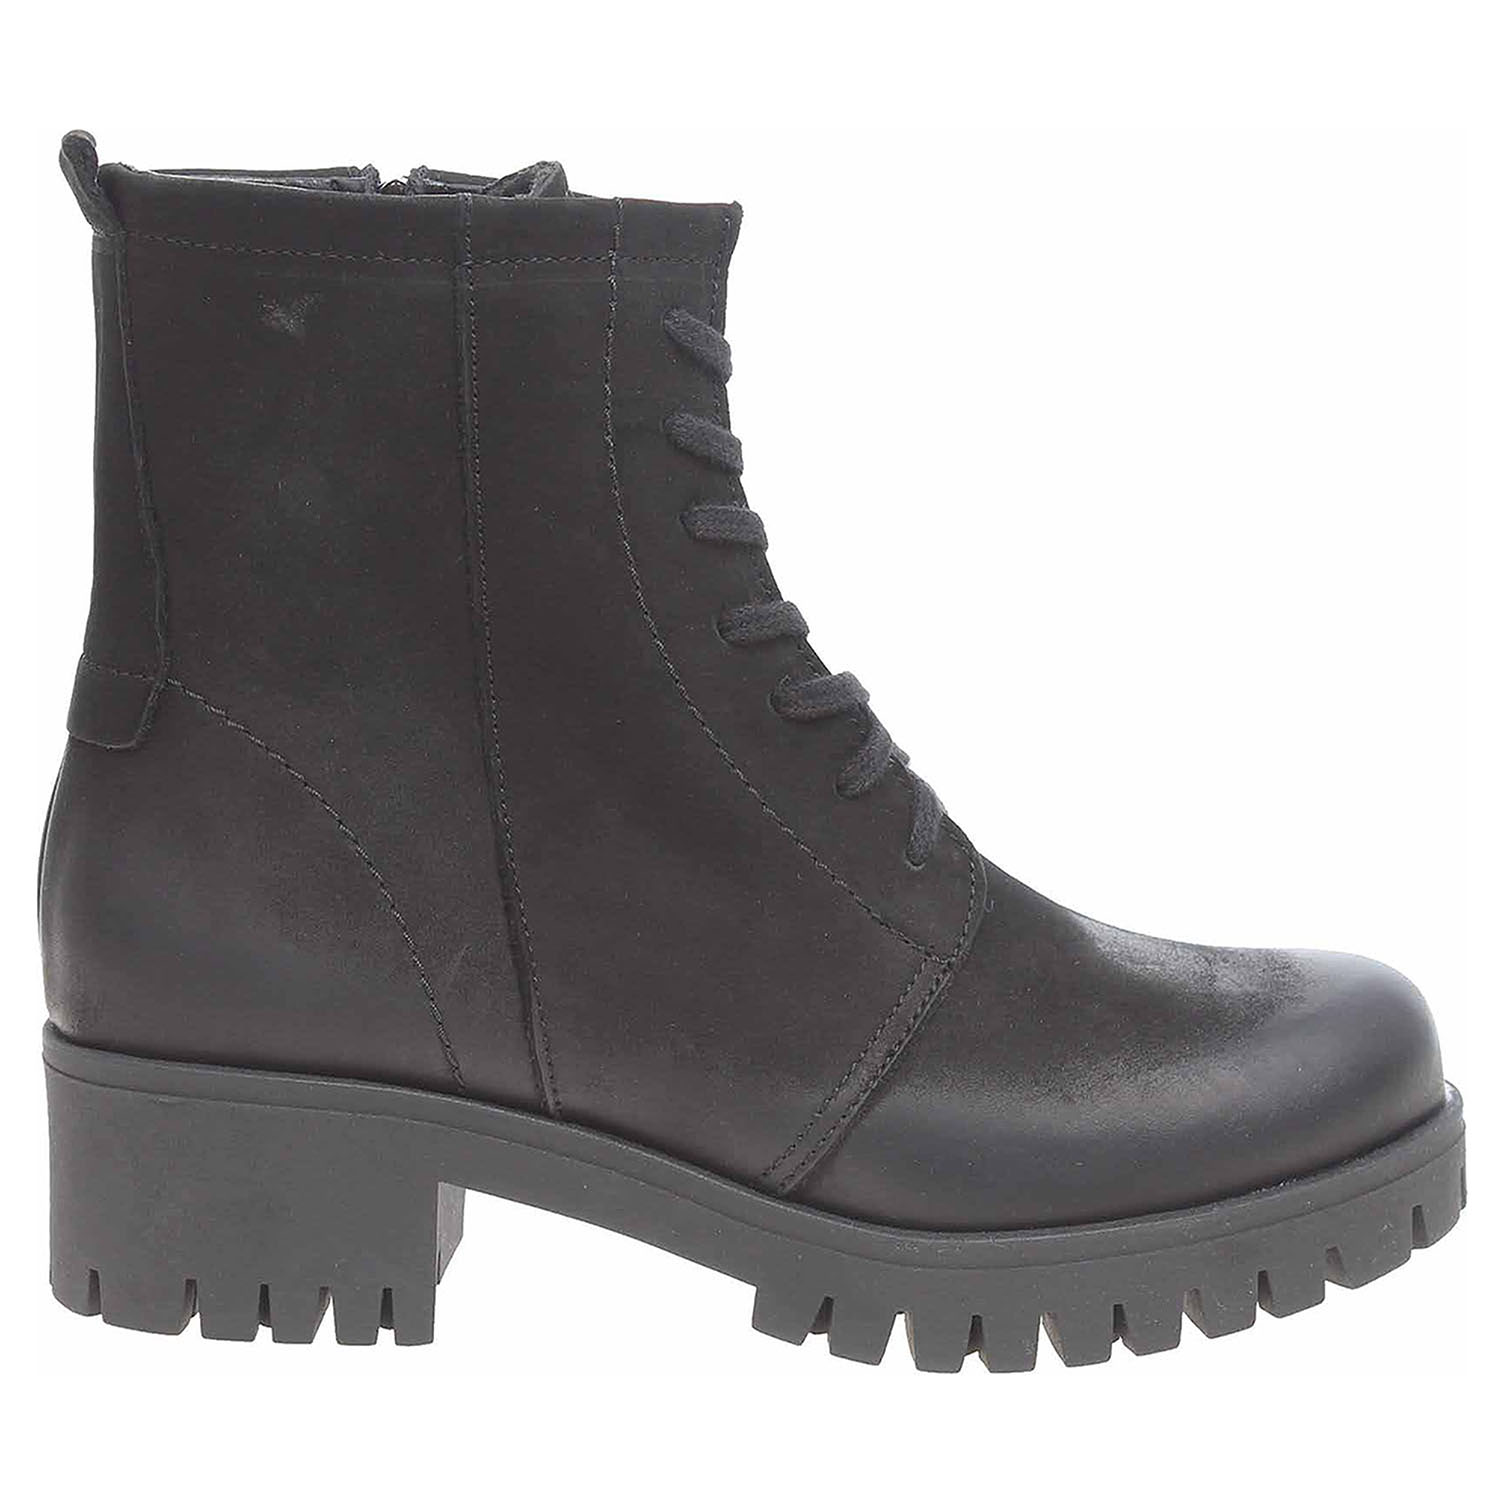 667b491e4e6a Dámská kotníková obuv J3085A černá J 3085 A čierna nubuk 37